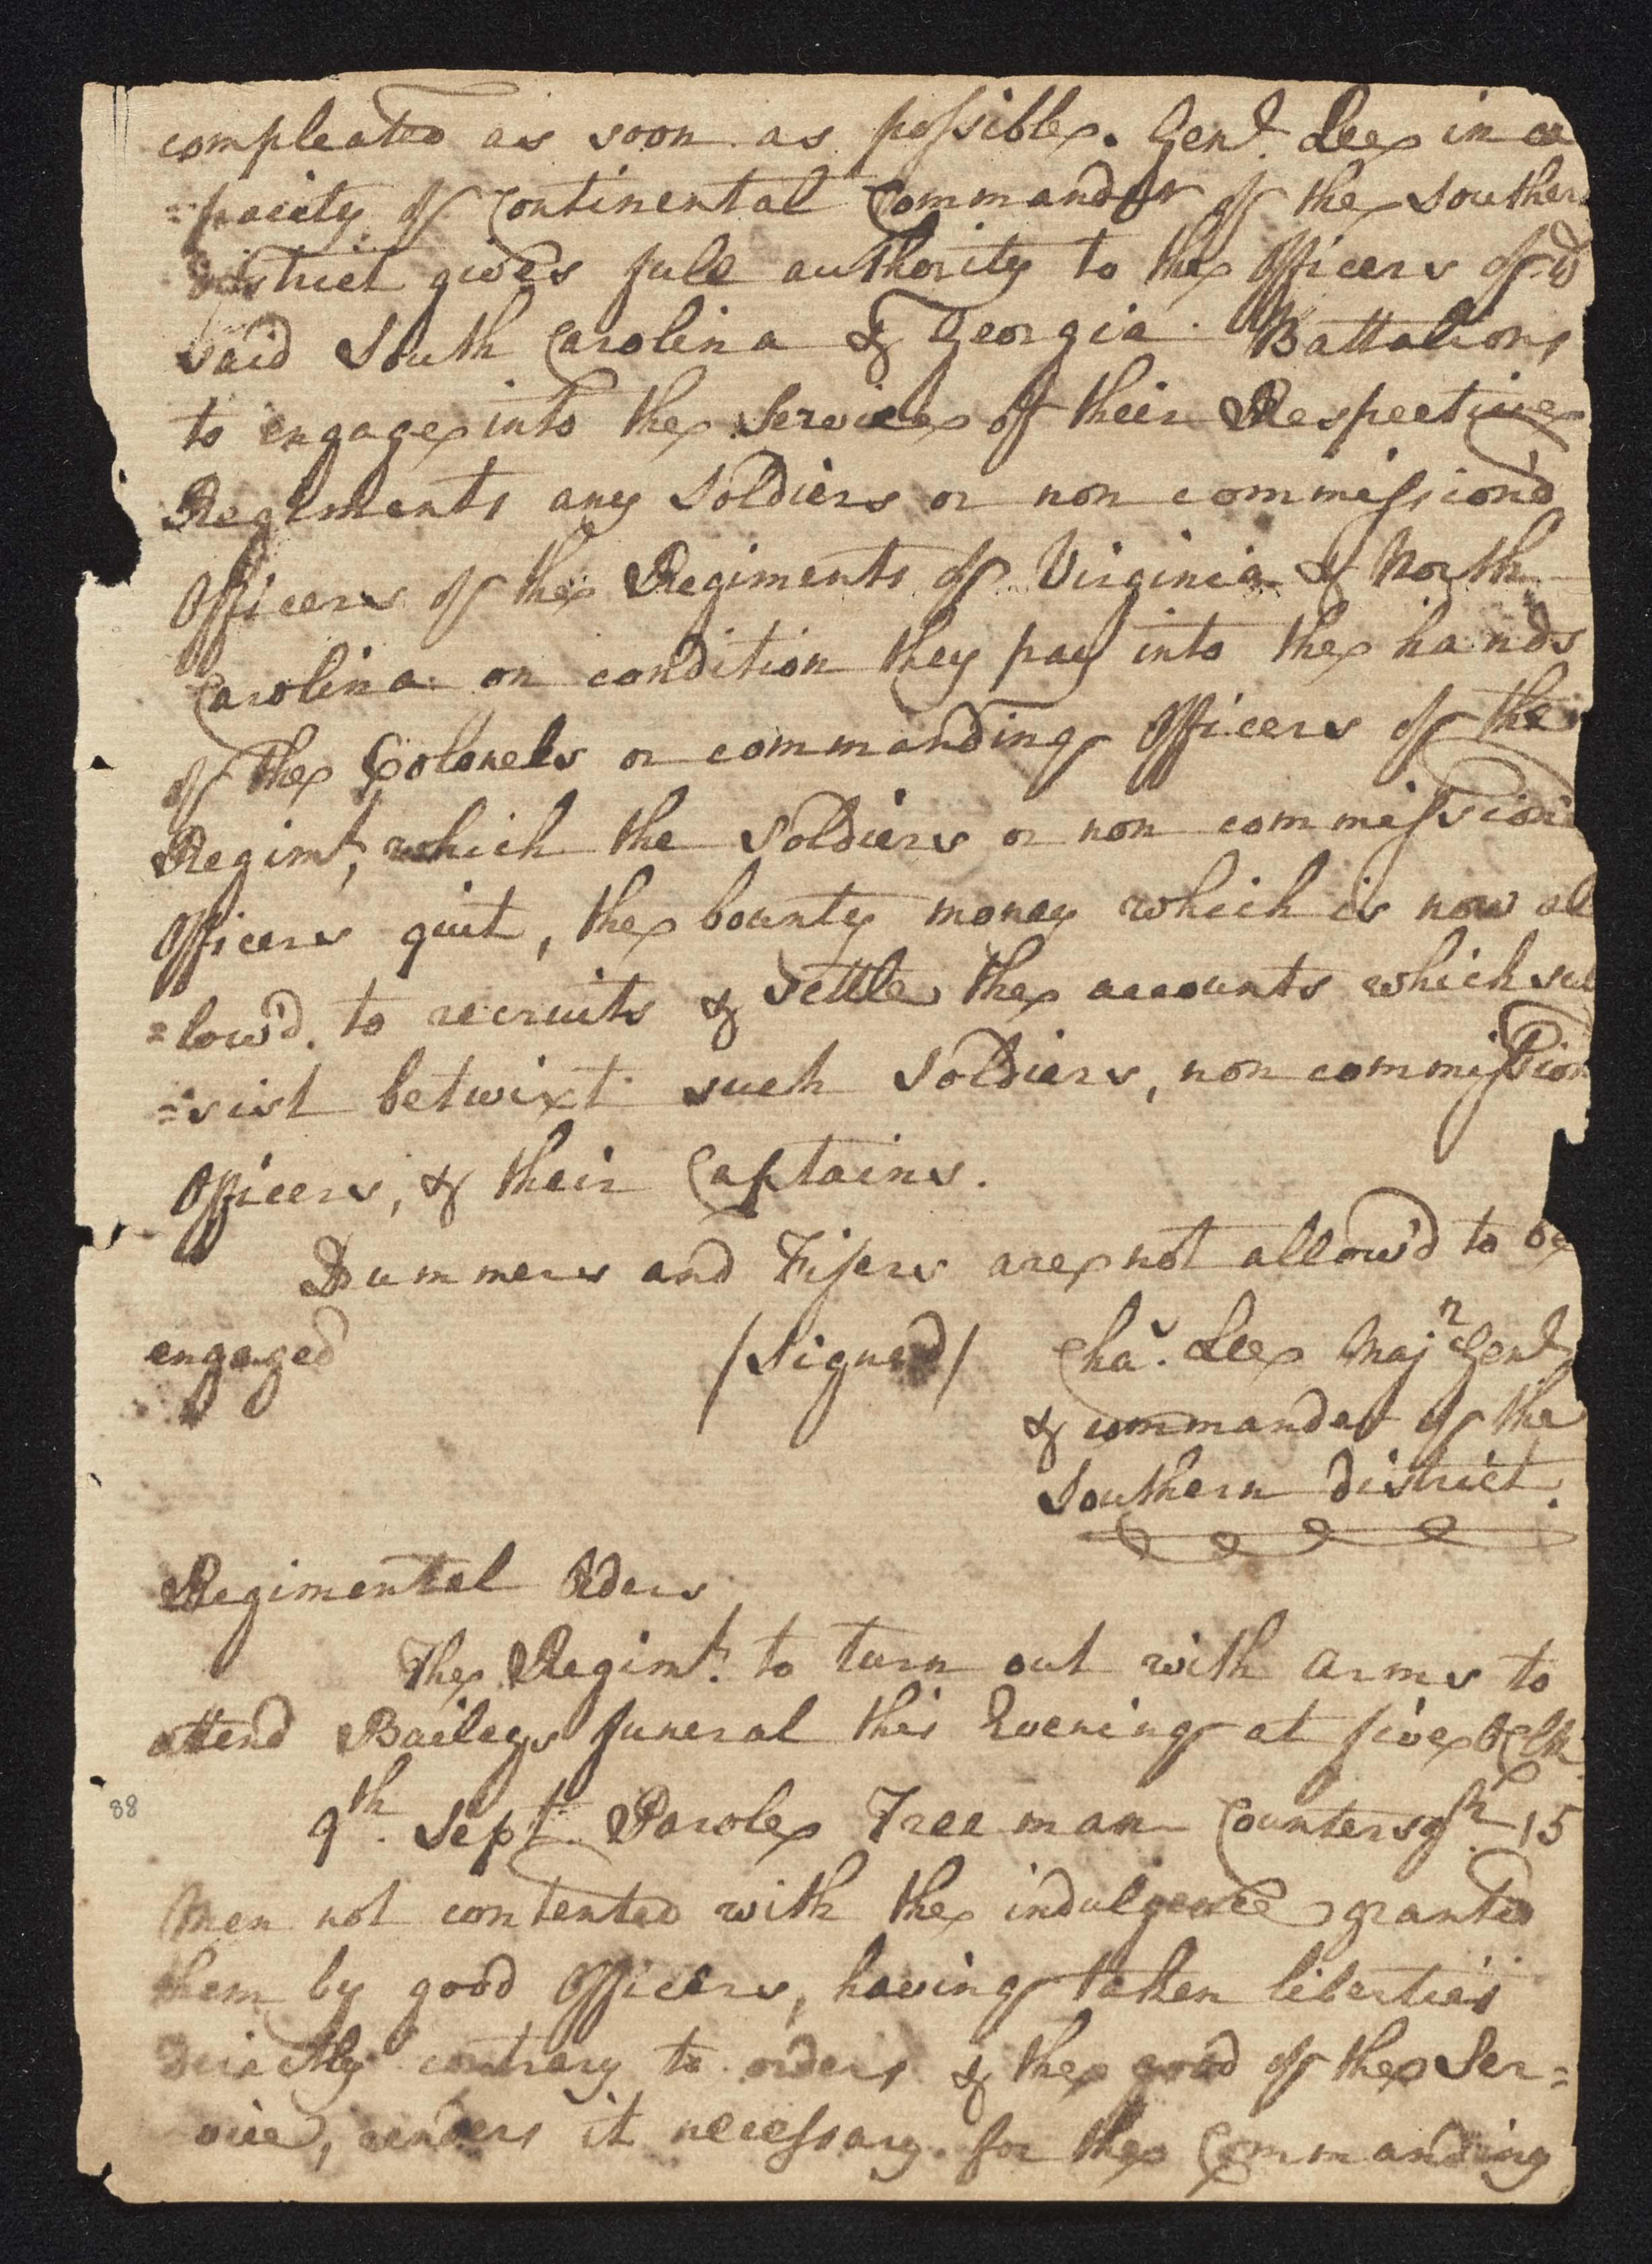 South Carolina Regiment Order Book, Page 175